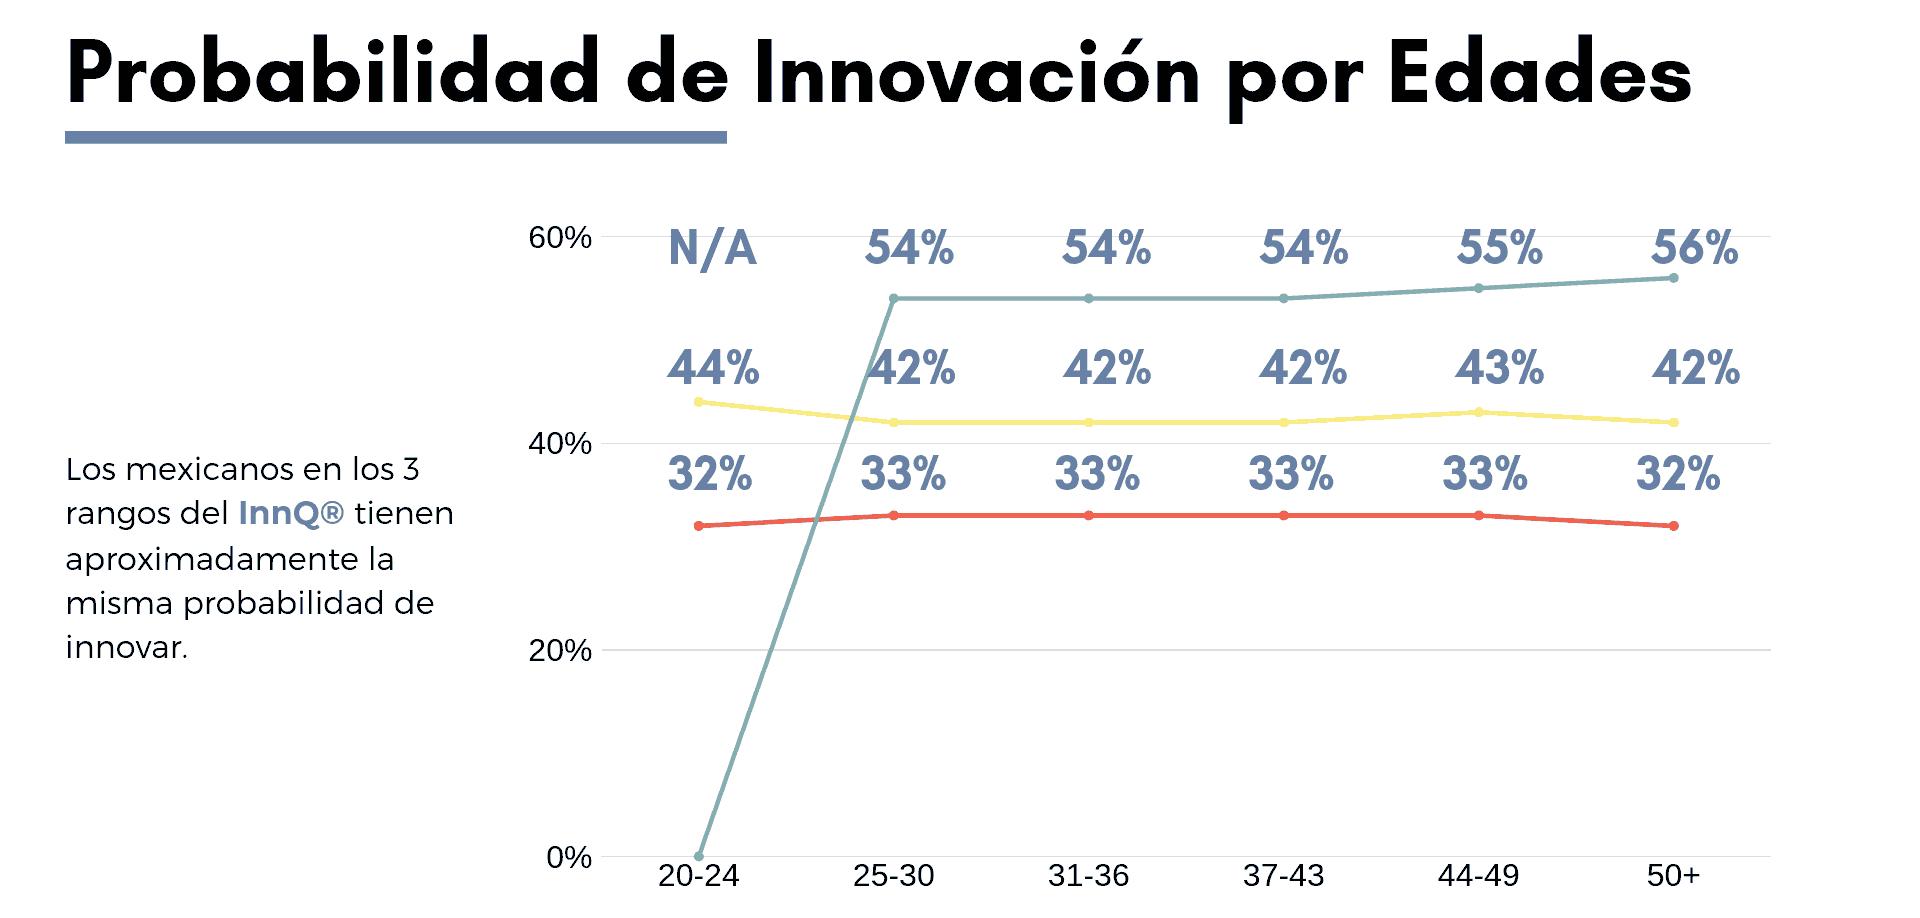 la probabilidad de innovacion de los mexicanos por edades